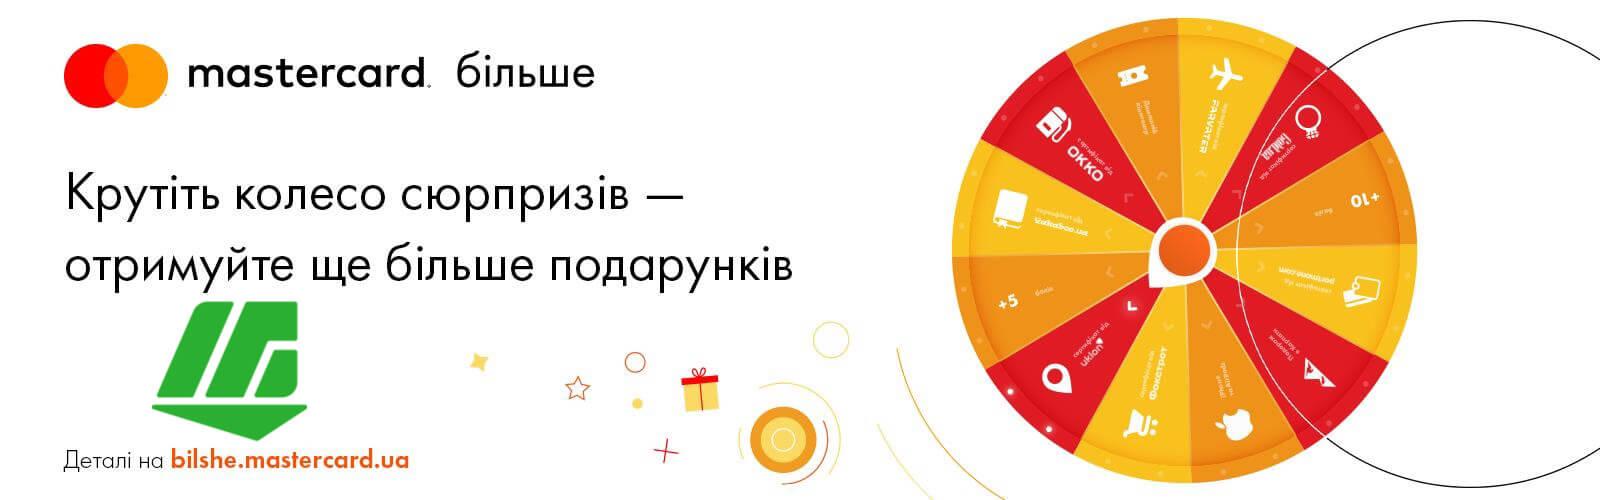 Колесо сюрпризів для власників карт Mastercard від МТБ БАНКу повертається!  - фото - mtb.ua